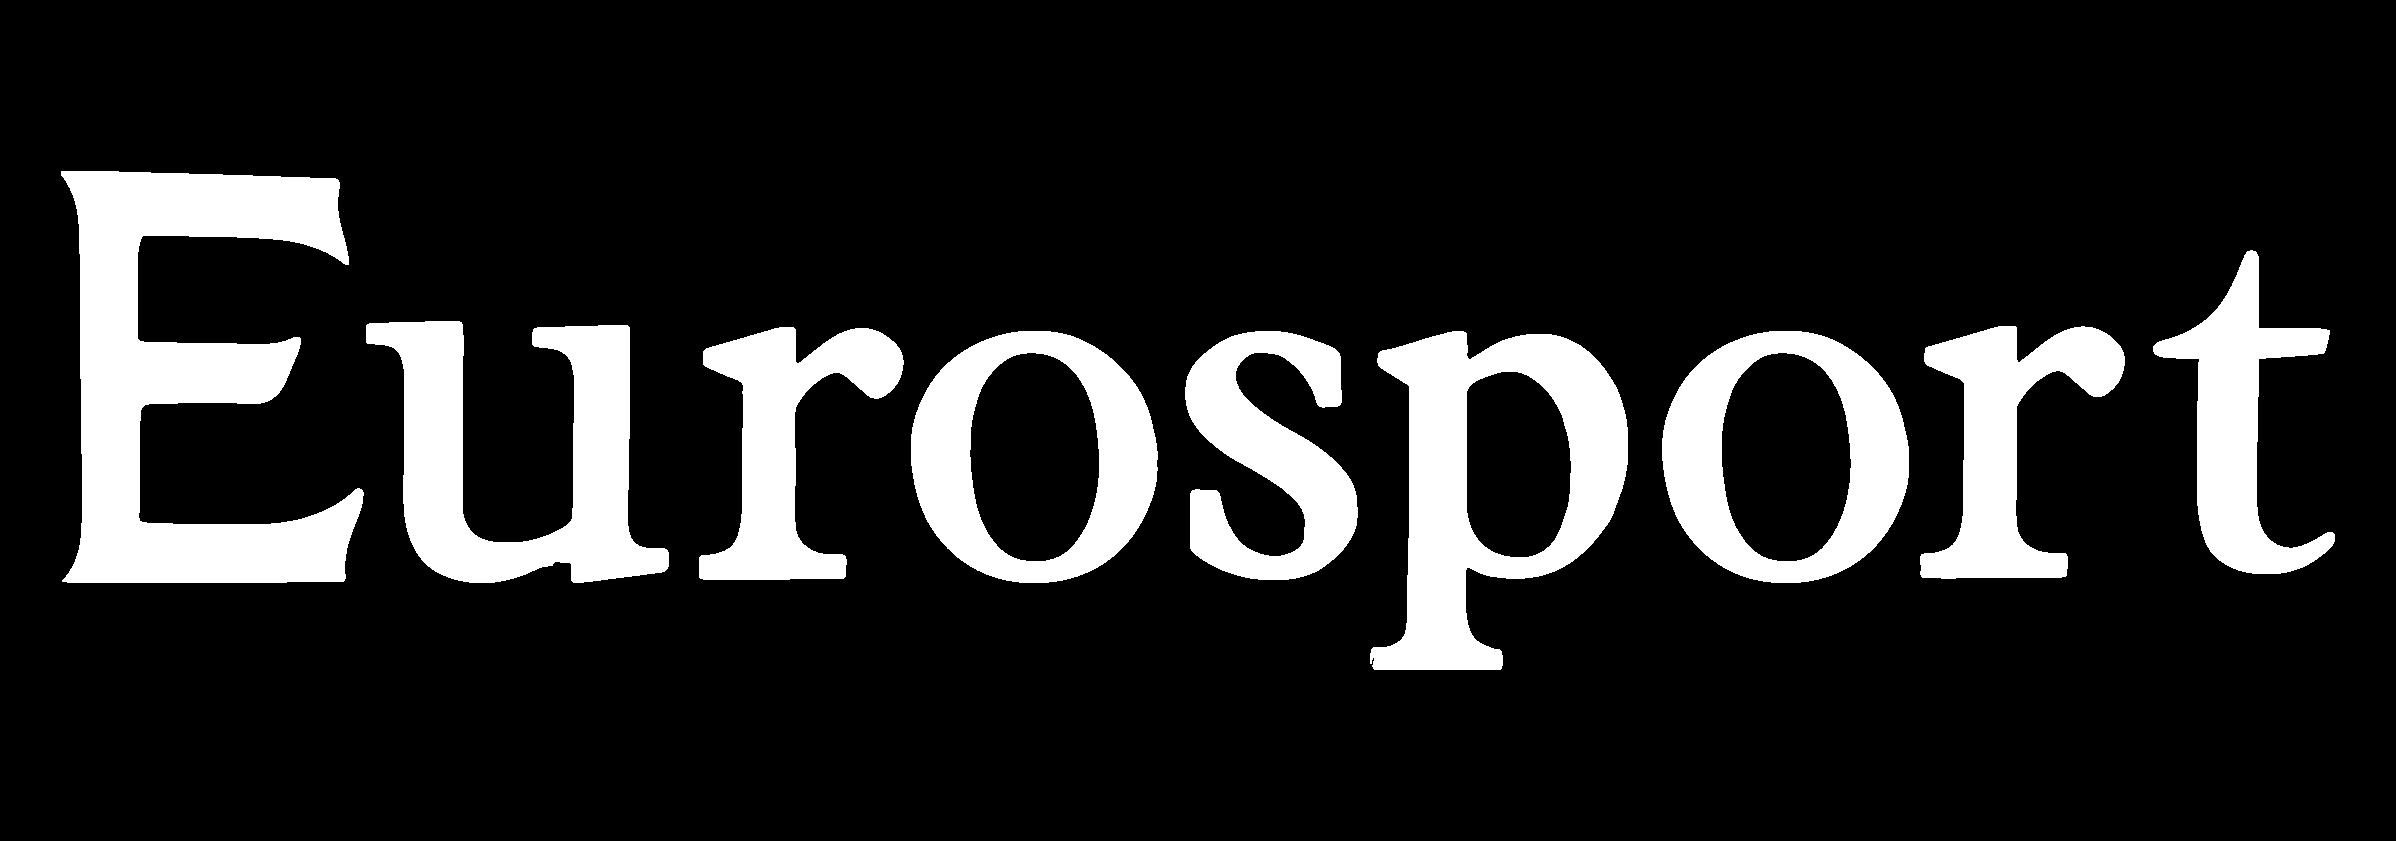 Gimnasio Eurosport